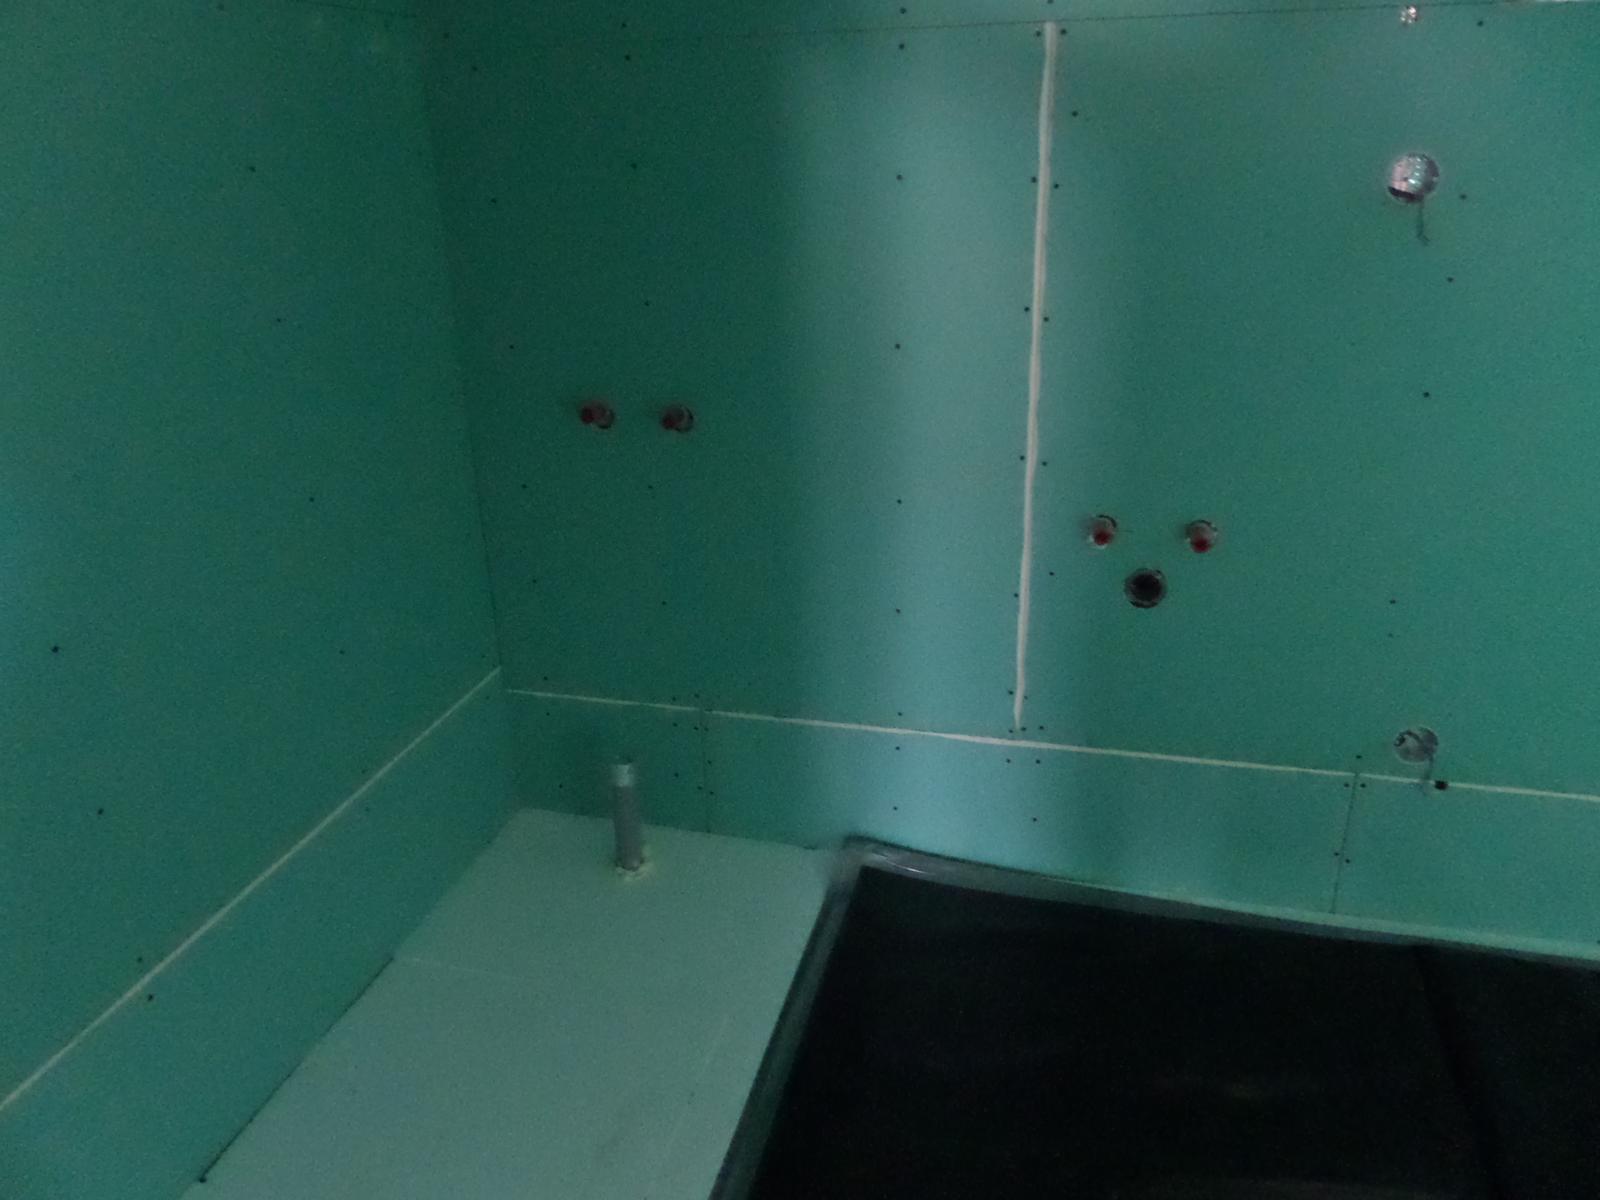 Bungalov Martina - 25.6.2014 sdk v kúpeľni, pripravené aj podlahové infra kúrenie